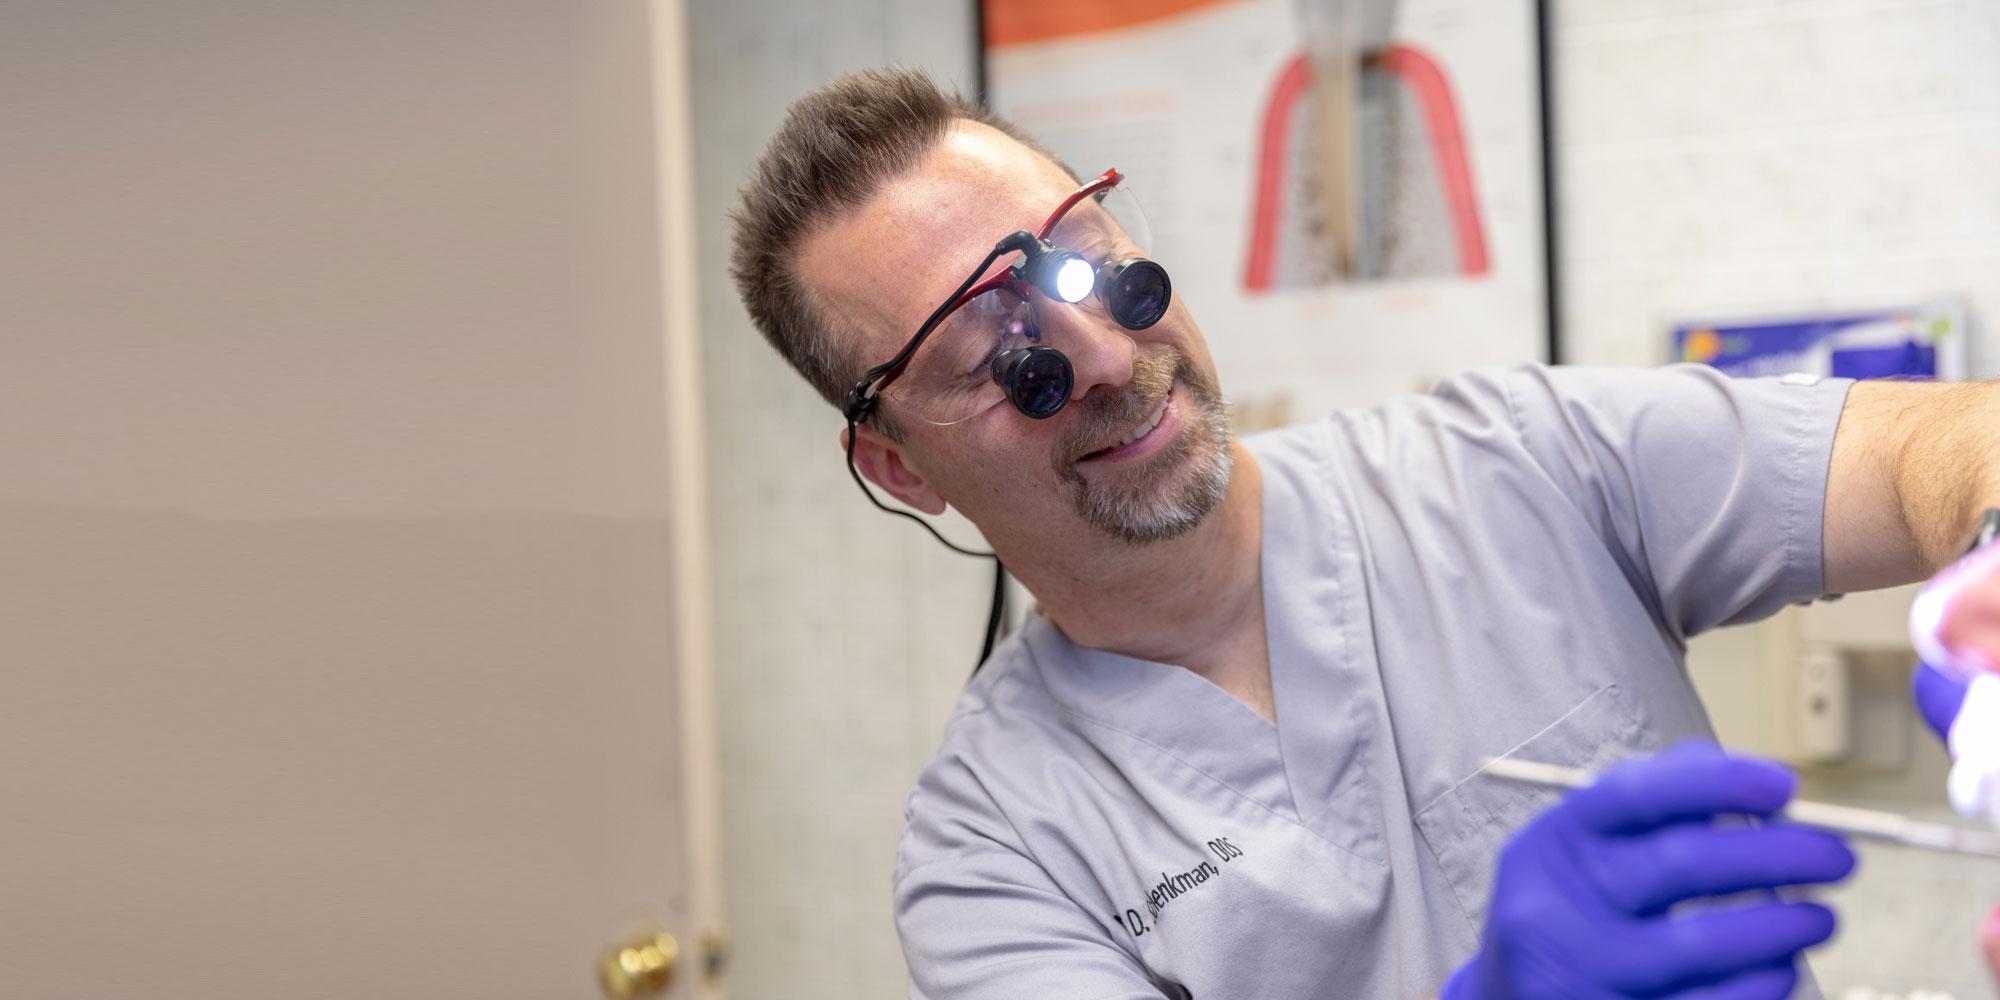 dr schenkman performing dental procedure